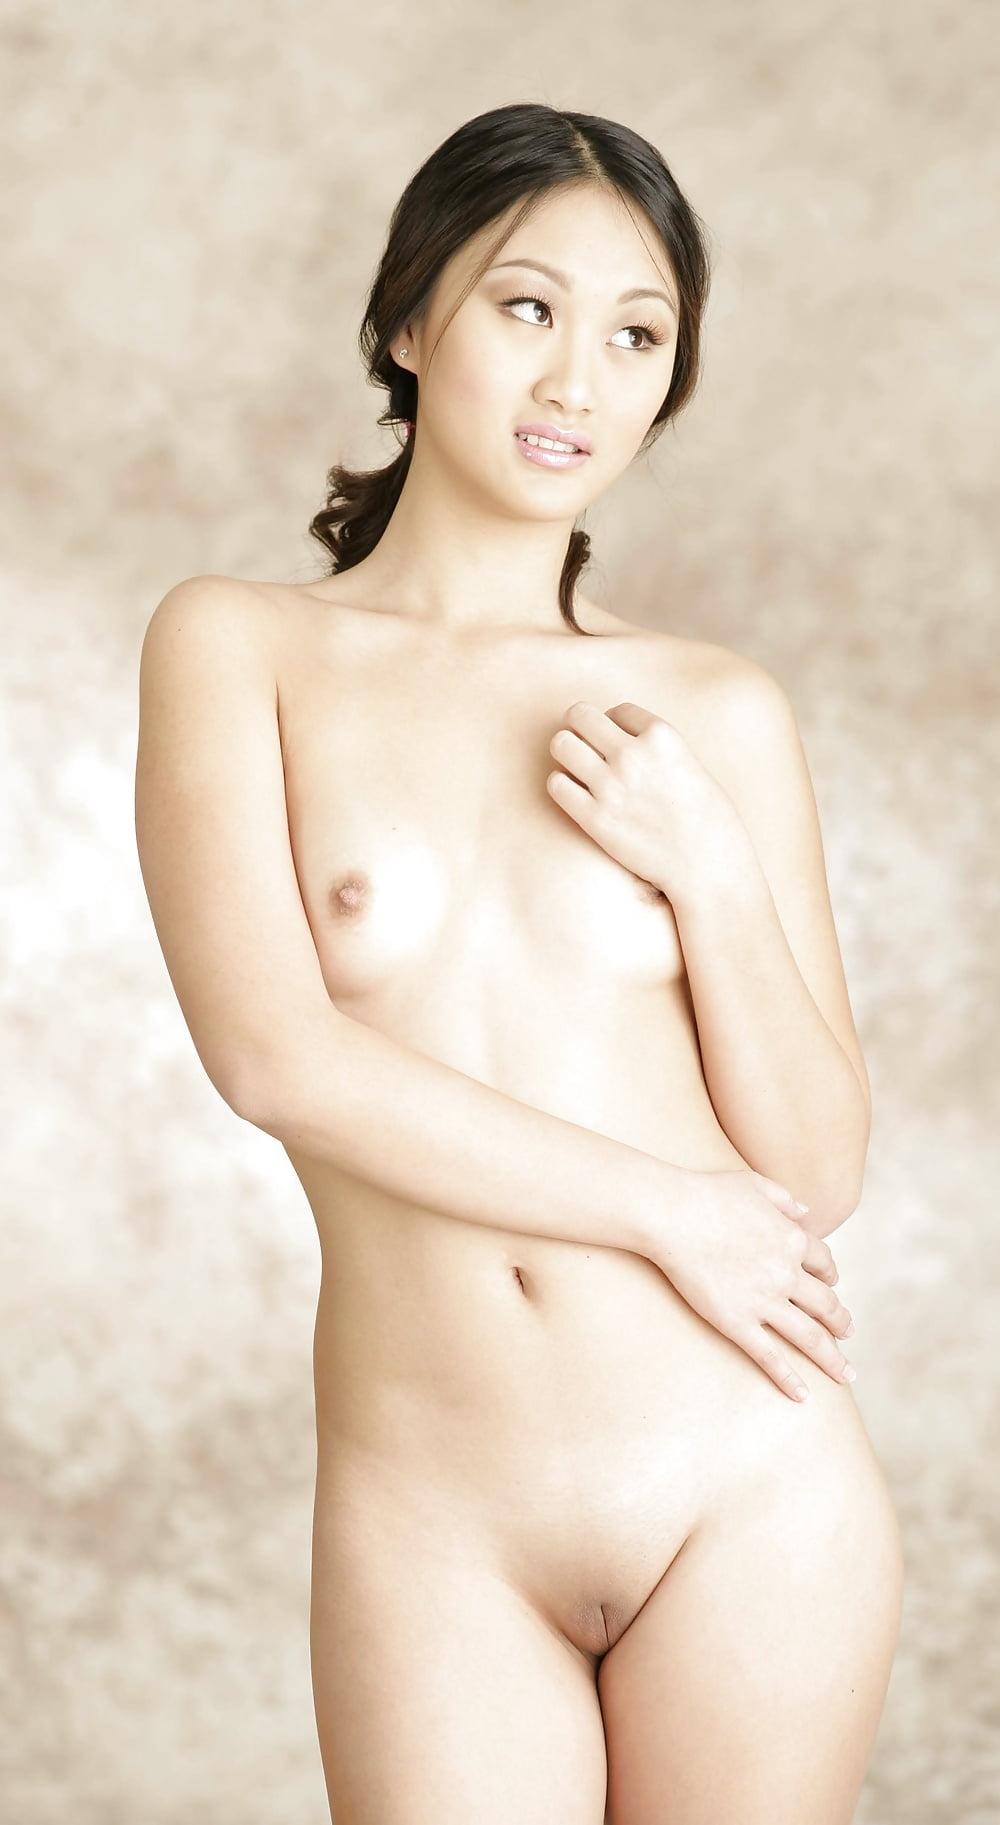 norah-asian-nude